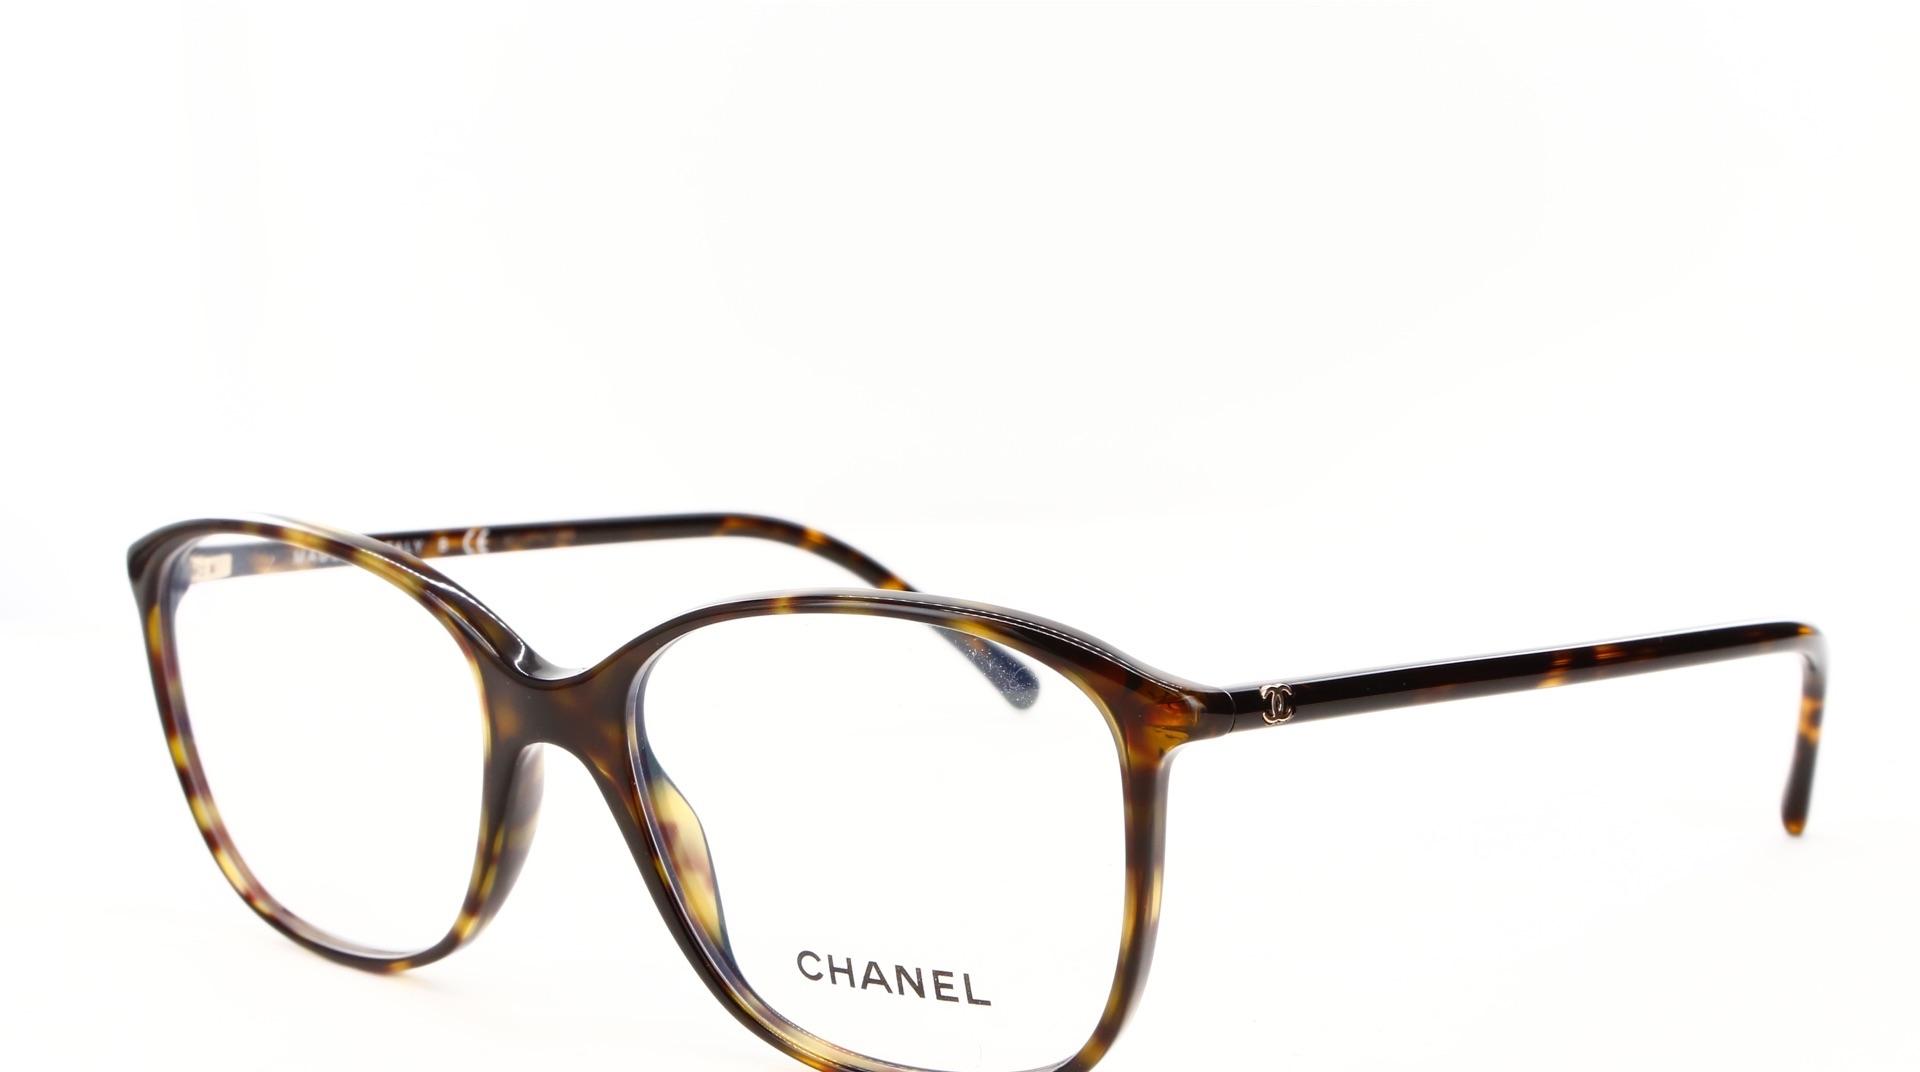 Chanel - ref: 64806